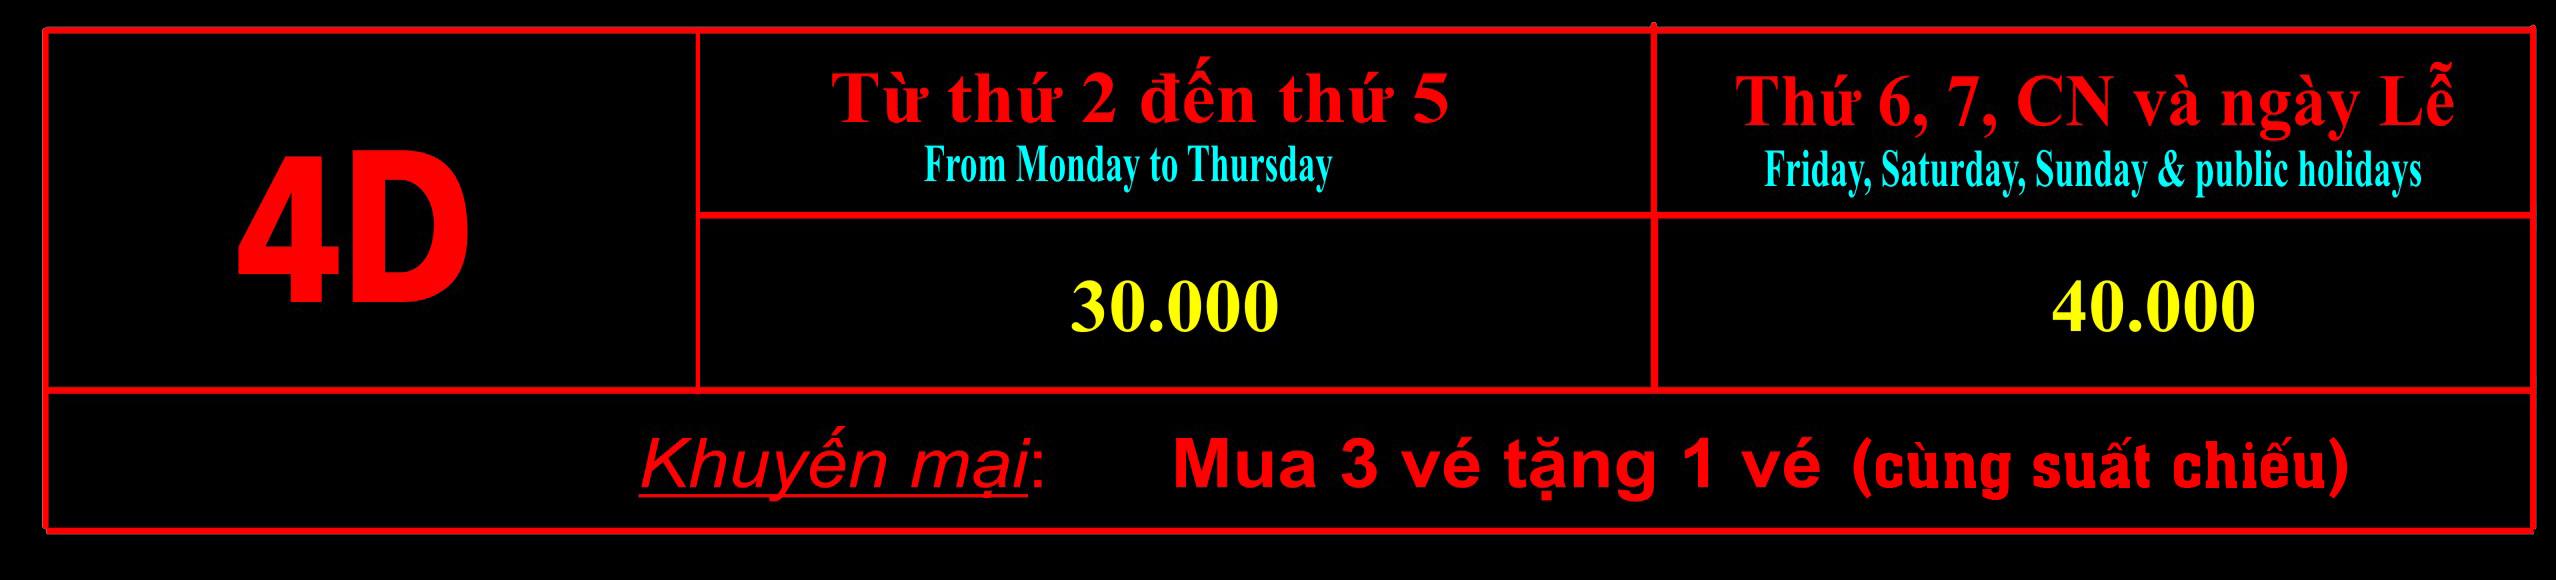 Giá vé xem phim 4D